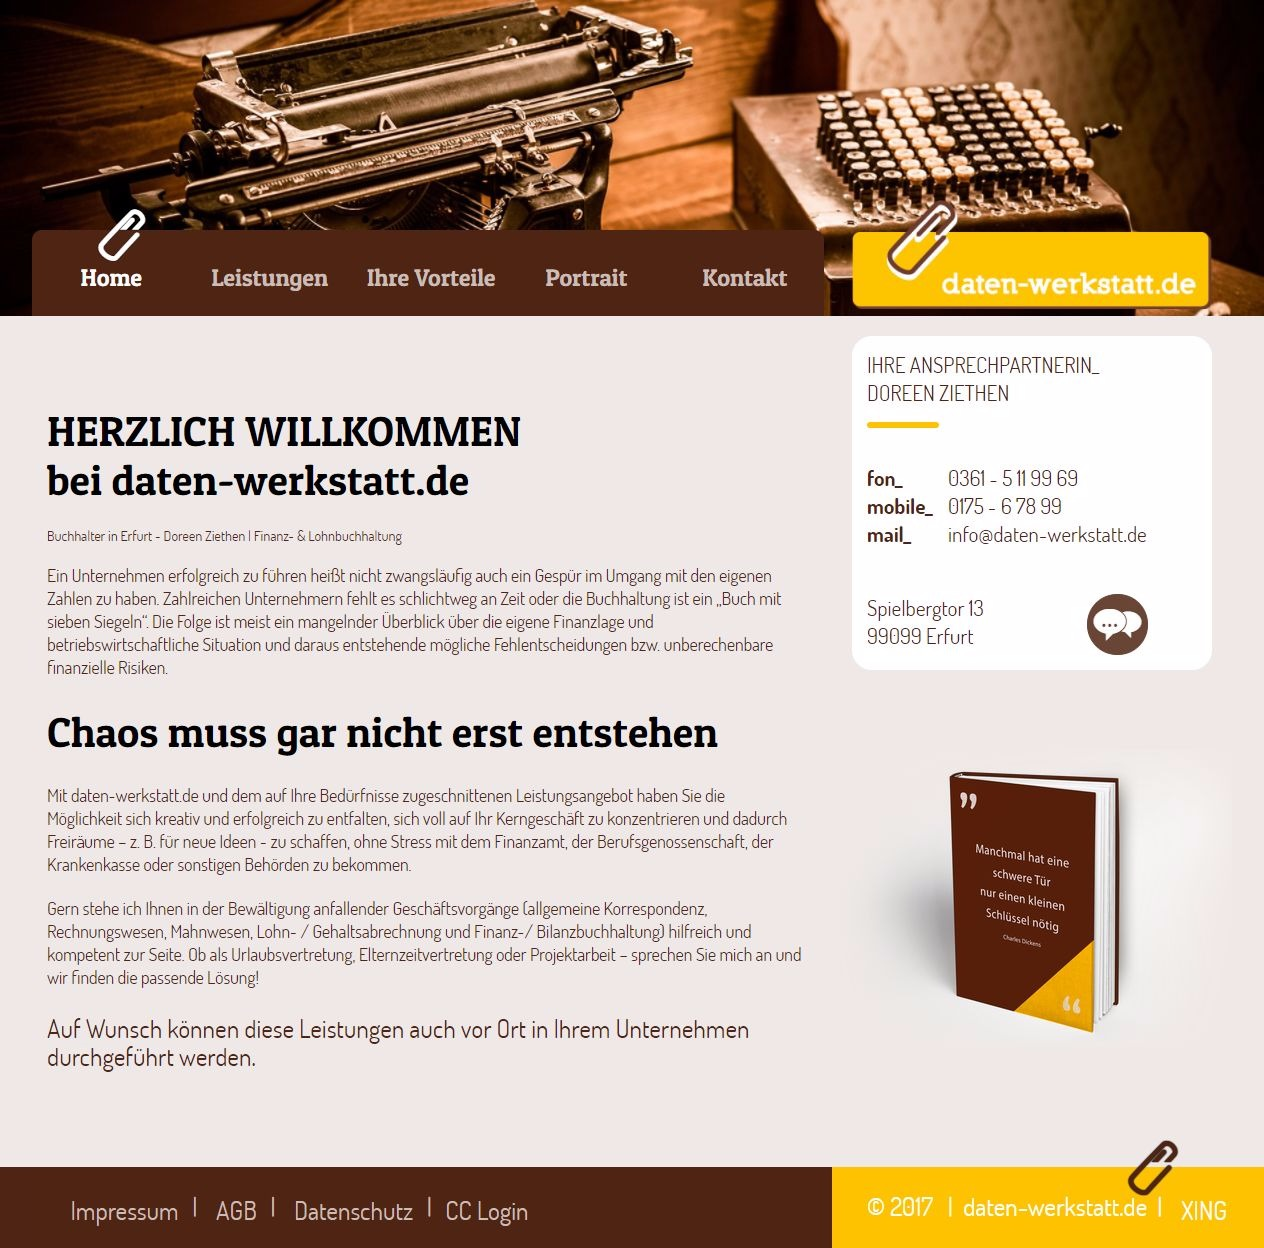 Buchhalter, Erfurt, Doreen Ziethen, Finanzbuchhaltung, Lohnbuchhaltung